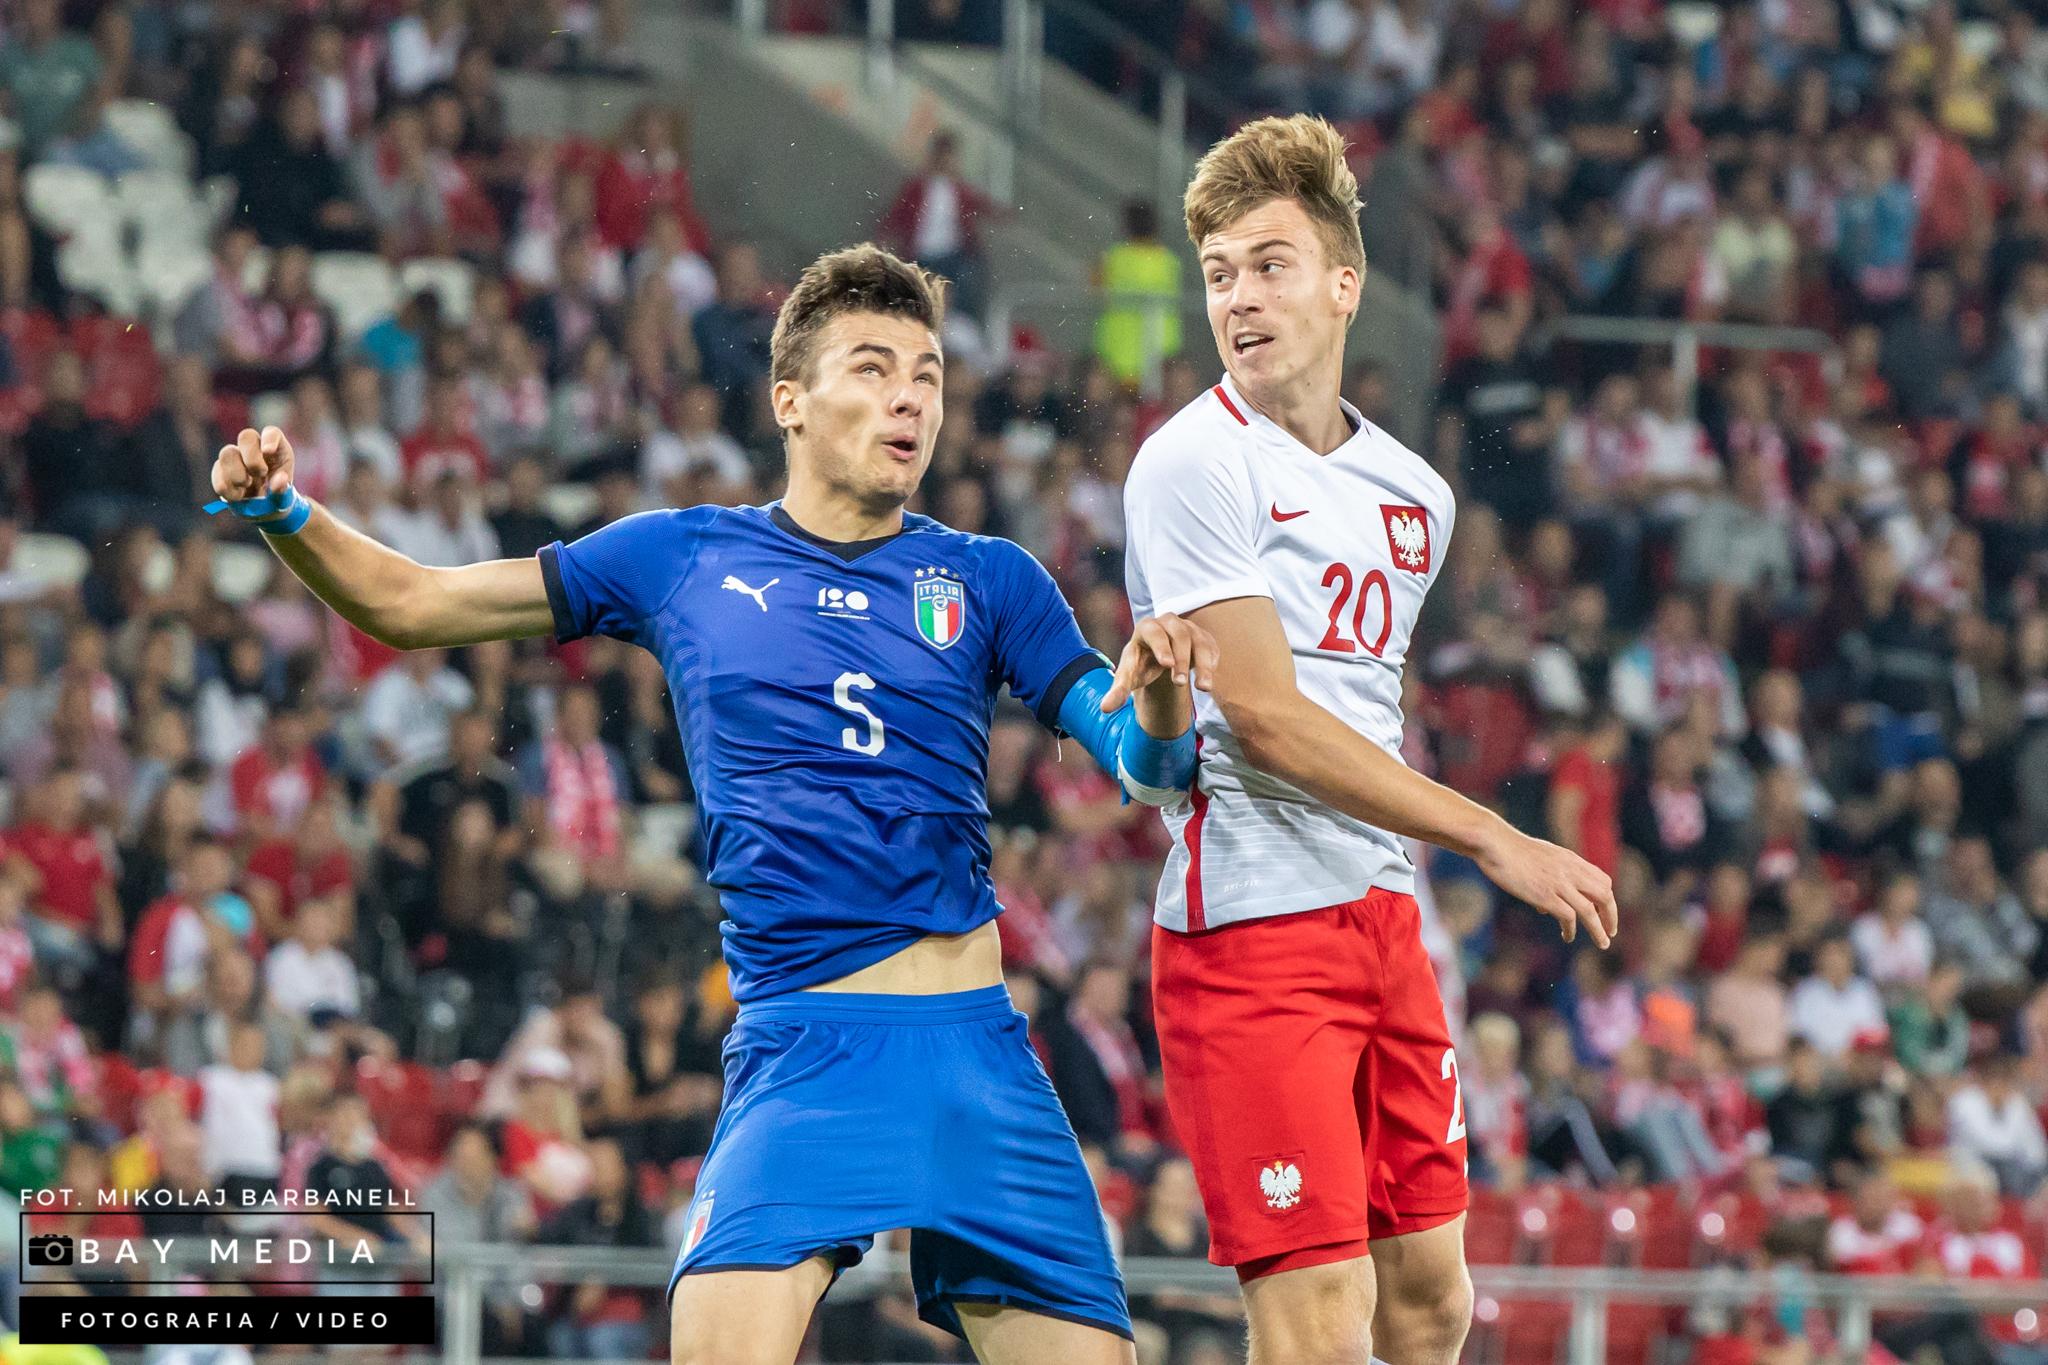 Polska – Włochy (U-20) [FOTOGALERIA]